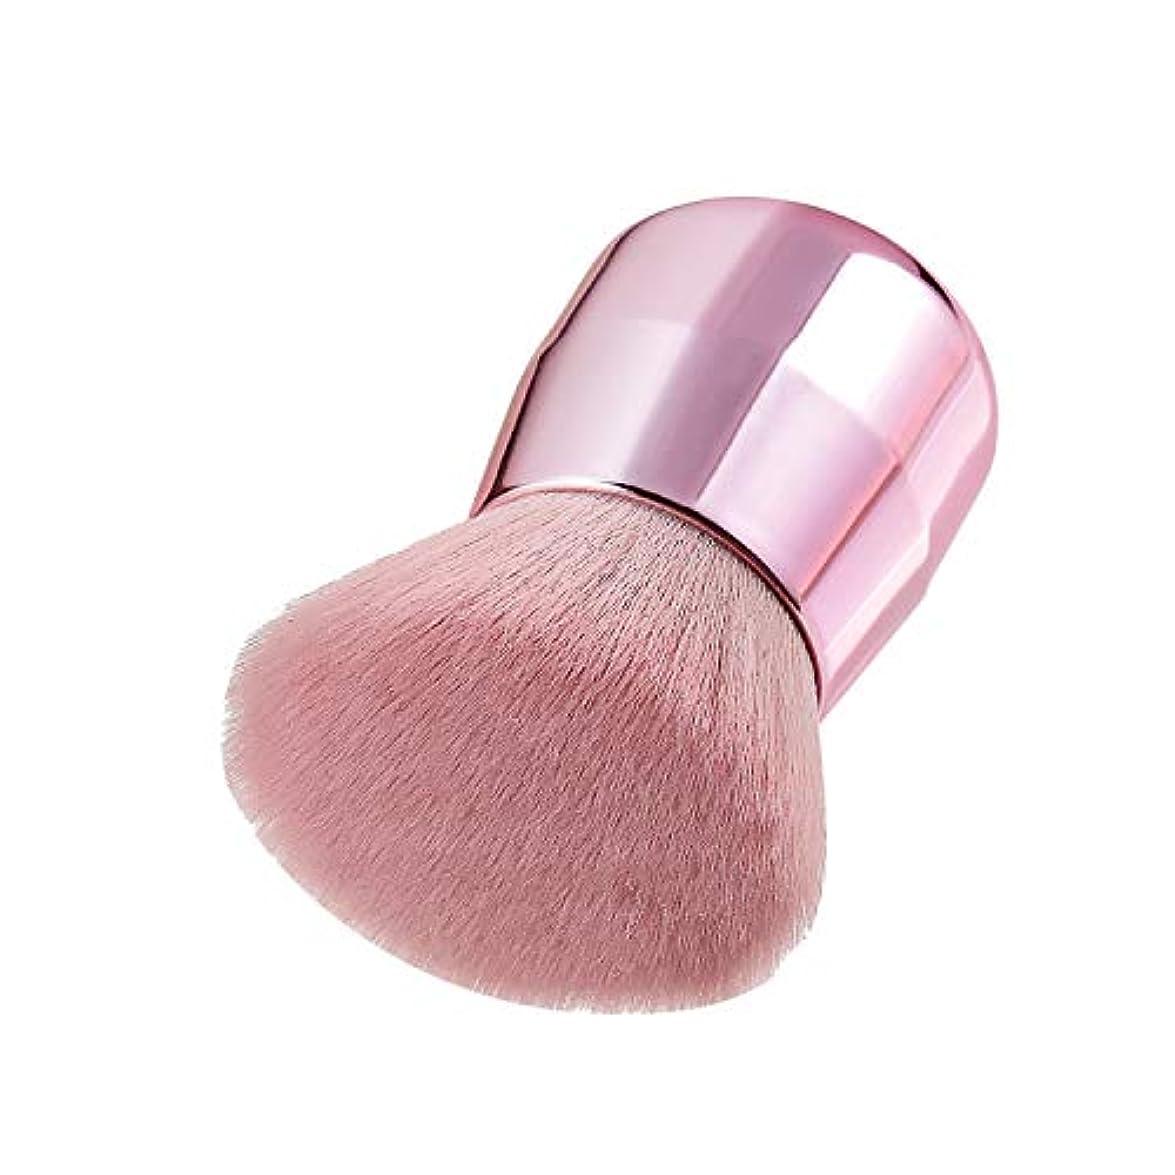 耐えられる素人測定Makeup brushes ピンクのティルティングパウダーブラシポータブル著名な化粧ブラシハニーパウダーブラシブラッシュブラシ suits (Color : Rose Gold)